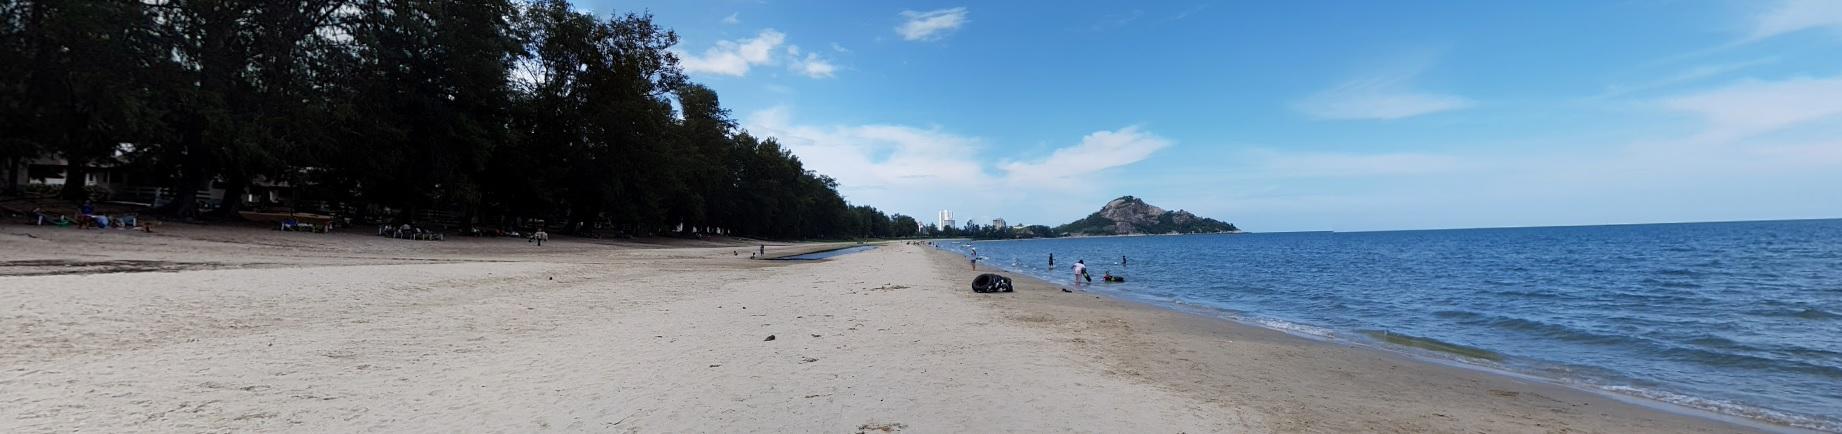 หาดสวนสนประดิพัทธ์ หัวหิน